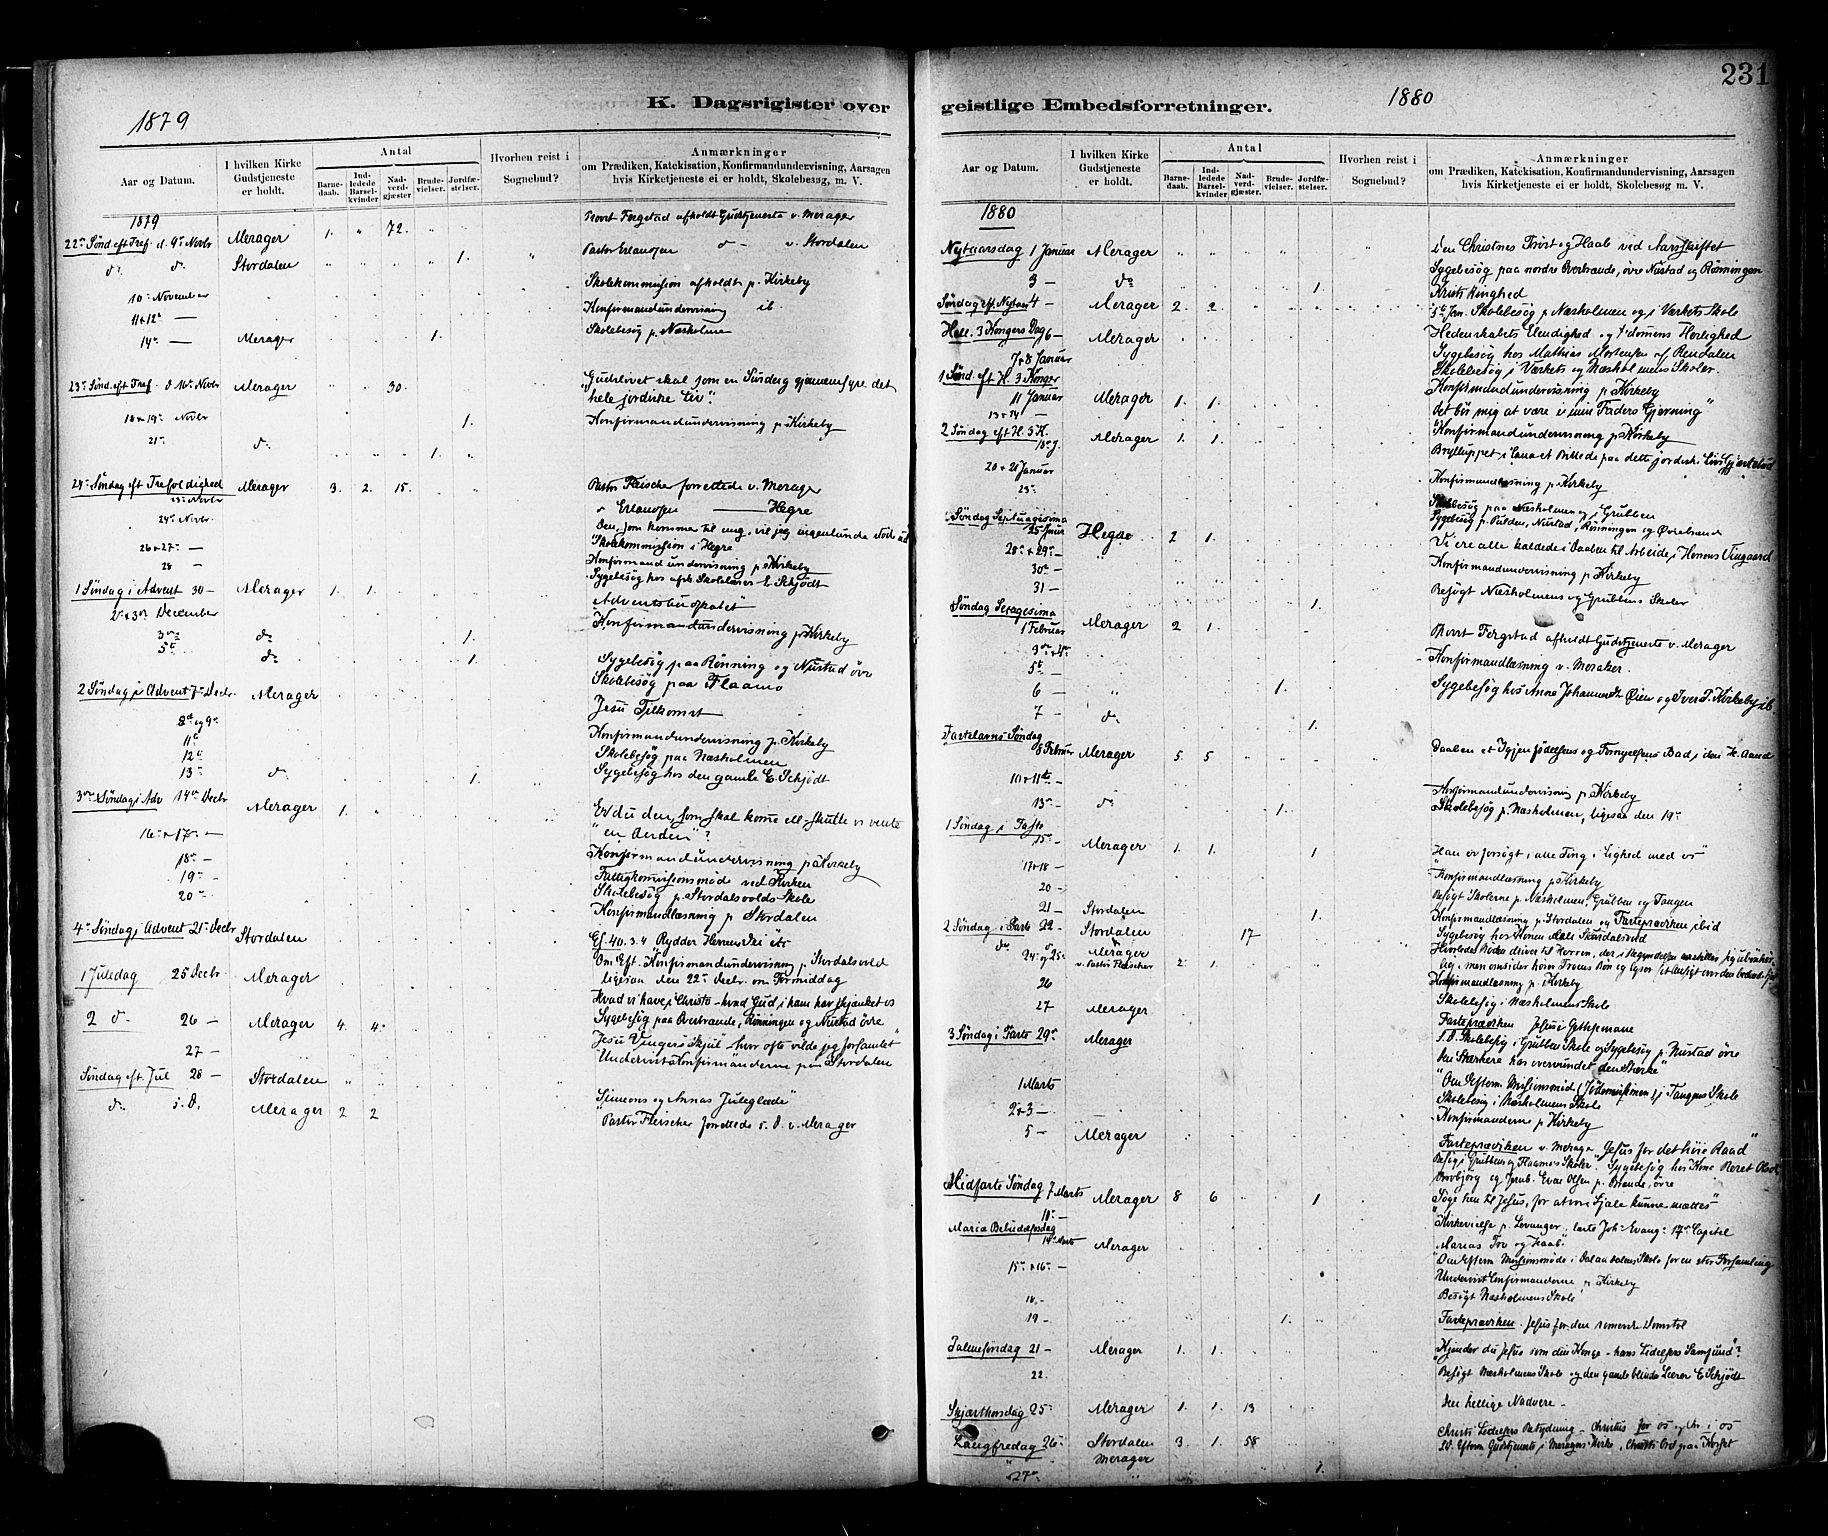 SAT, Ministerialprotokoller, klokkerbøker og fødselsregistre - Nord-Trøndelag, 706/L0047: Ministerialbok nr. 706A03, 1878-1892, s. 231